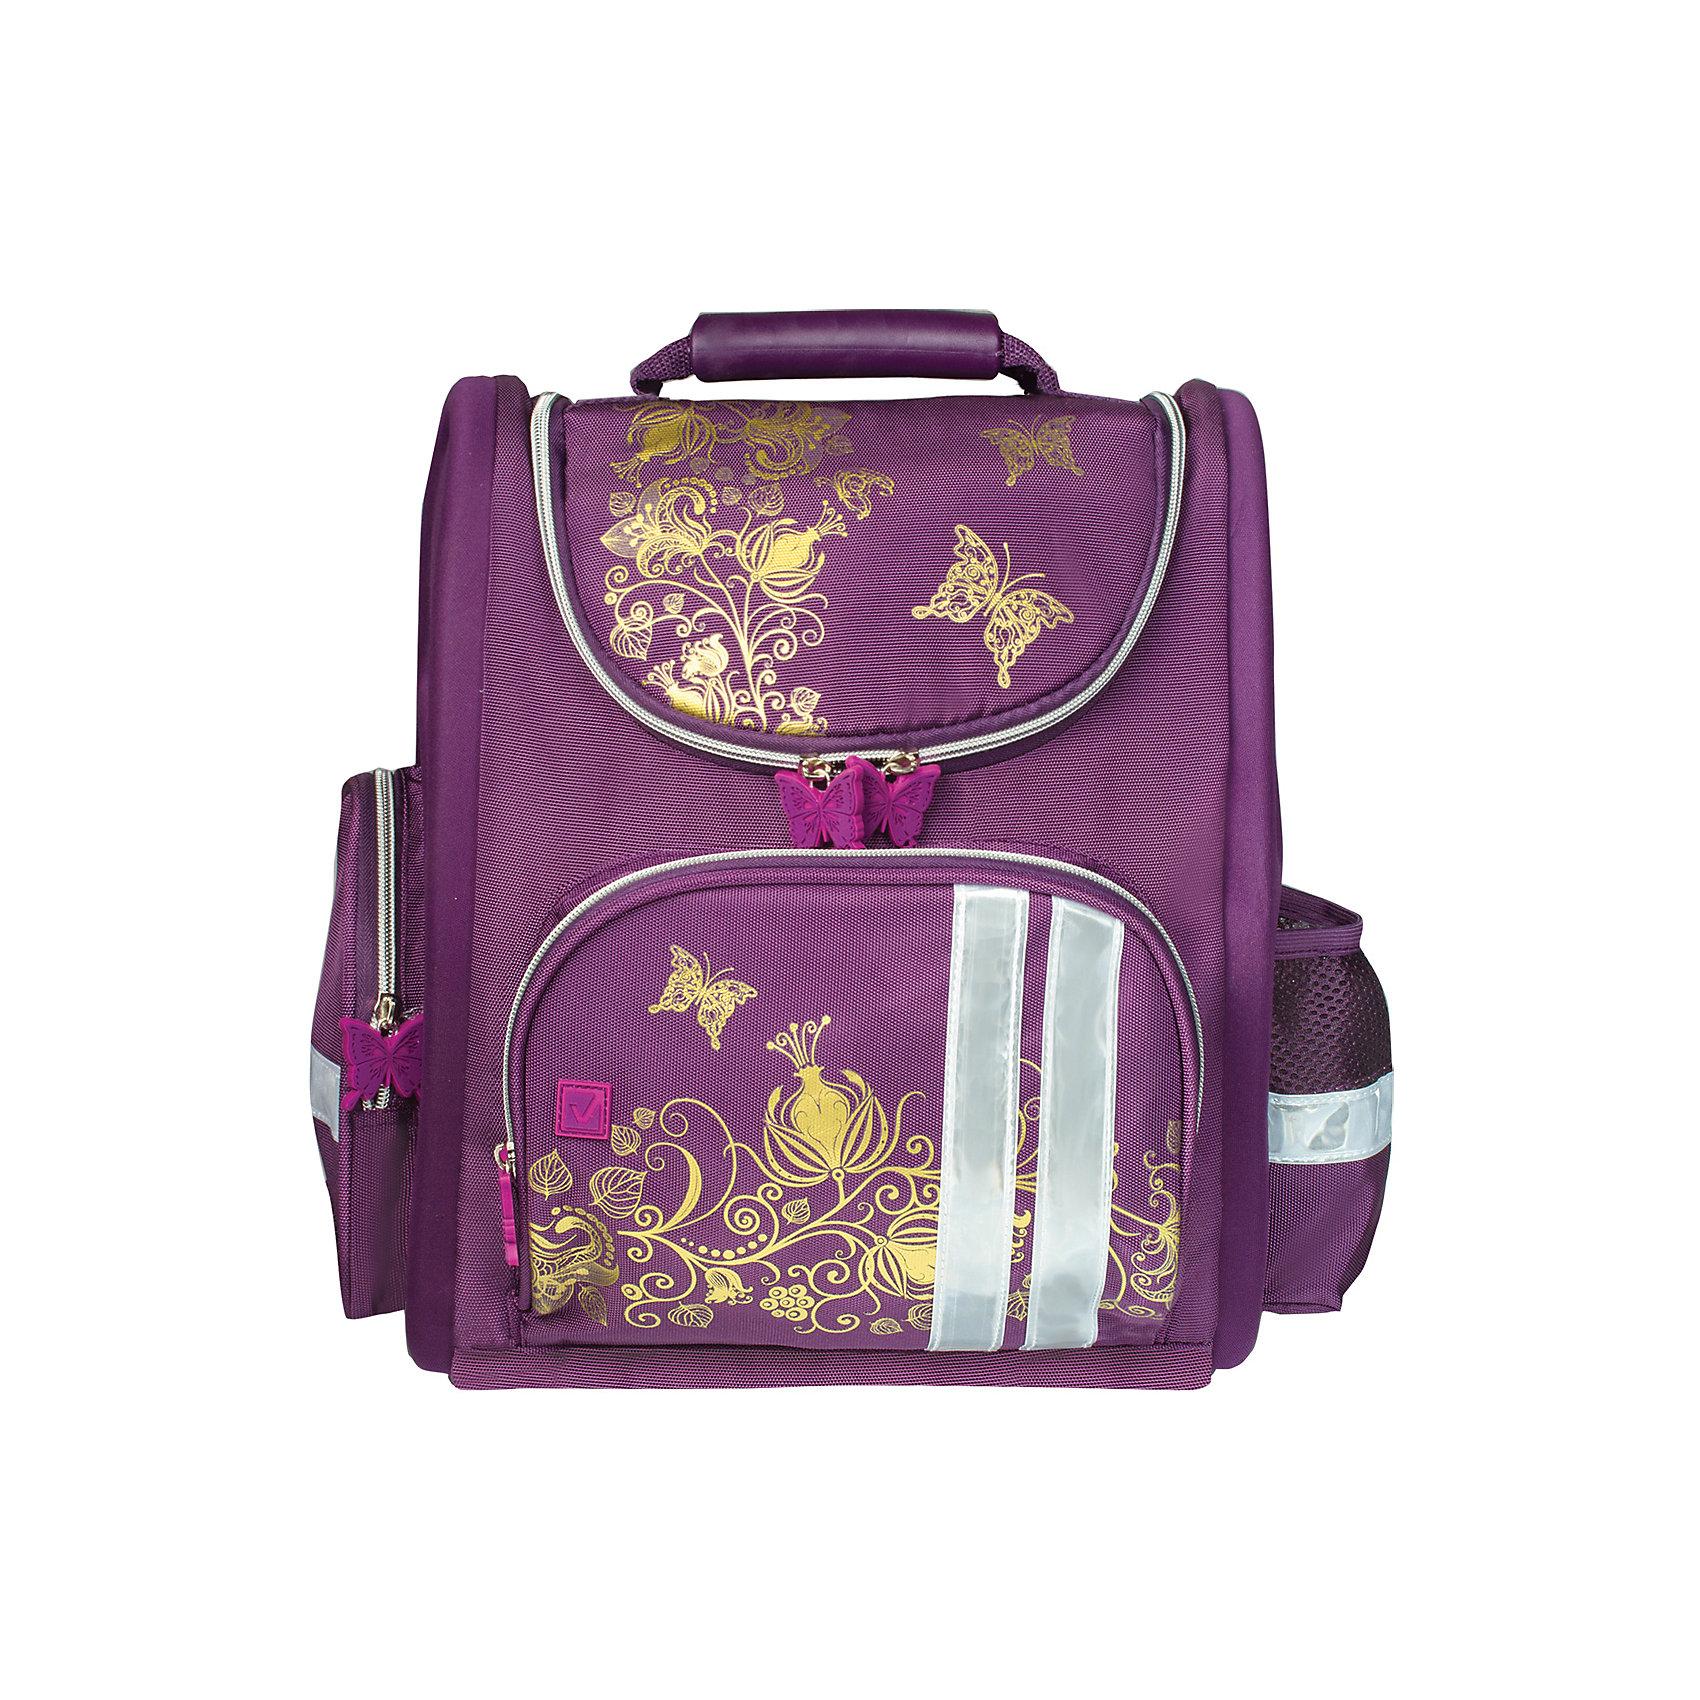 Ранец жесткокаркасный BRAUBERG для начальной школы, девочка, Цветы, 16 литров, 28*14*32 смРанцы<br>Ранец Золотые цветы предназначен для девочек 7-10 лет. Он выполнен в благородных фиолетовых тонах, украшен золотым узором переплетенных цветов и бабочками.<br><br>Ширина мм: 285<br>Глубина мм: 385<br>Высота мм: 135<br>Вес г: 900<br>Возраст от месяцев: 72<br>Возраст до месяцев: 216<br>Пол: Женский<br>Возраст: Детский<br>SKU: 7036859